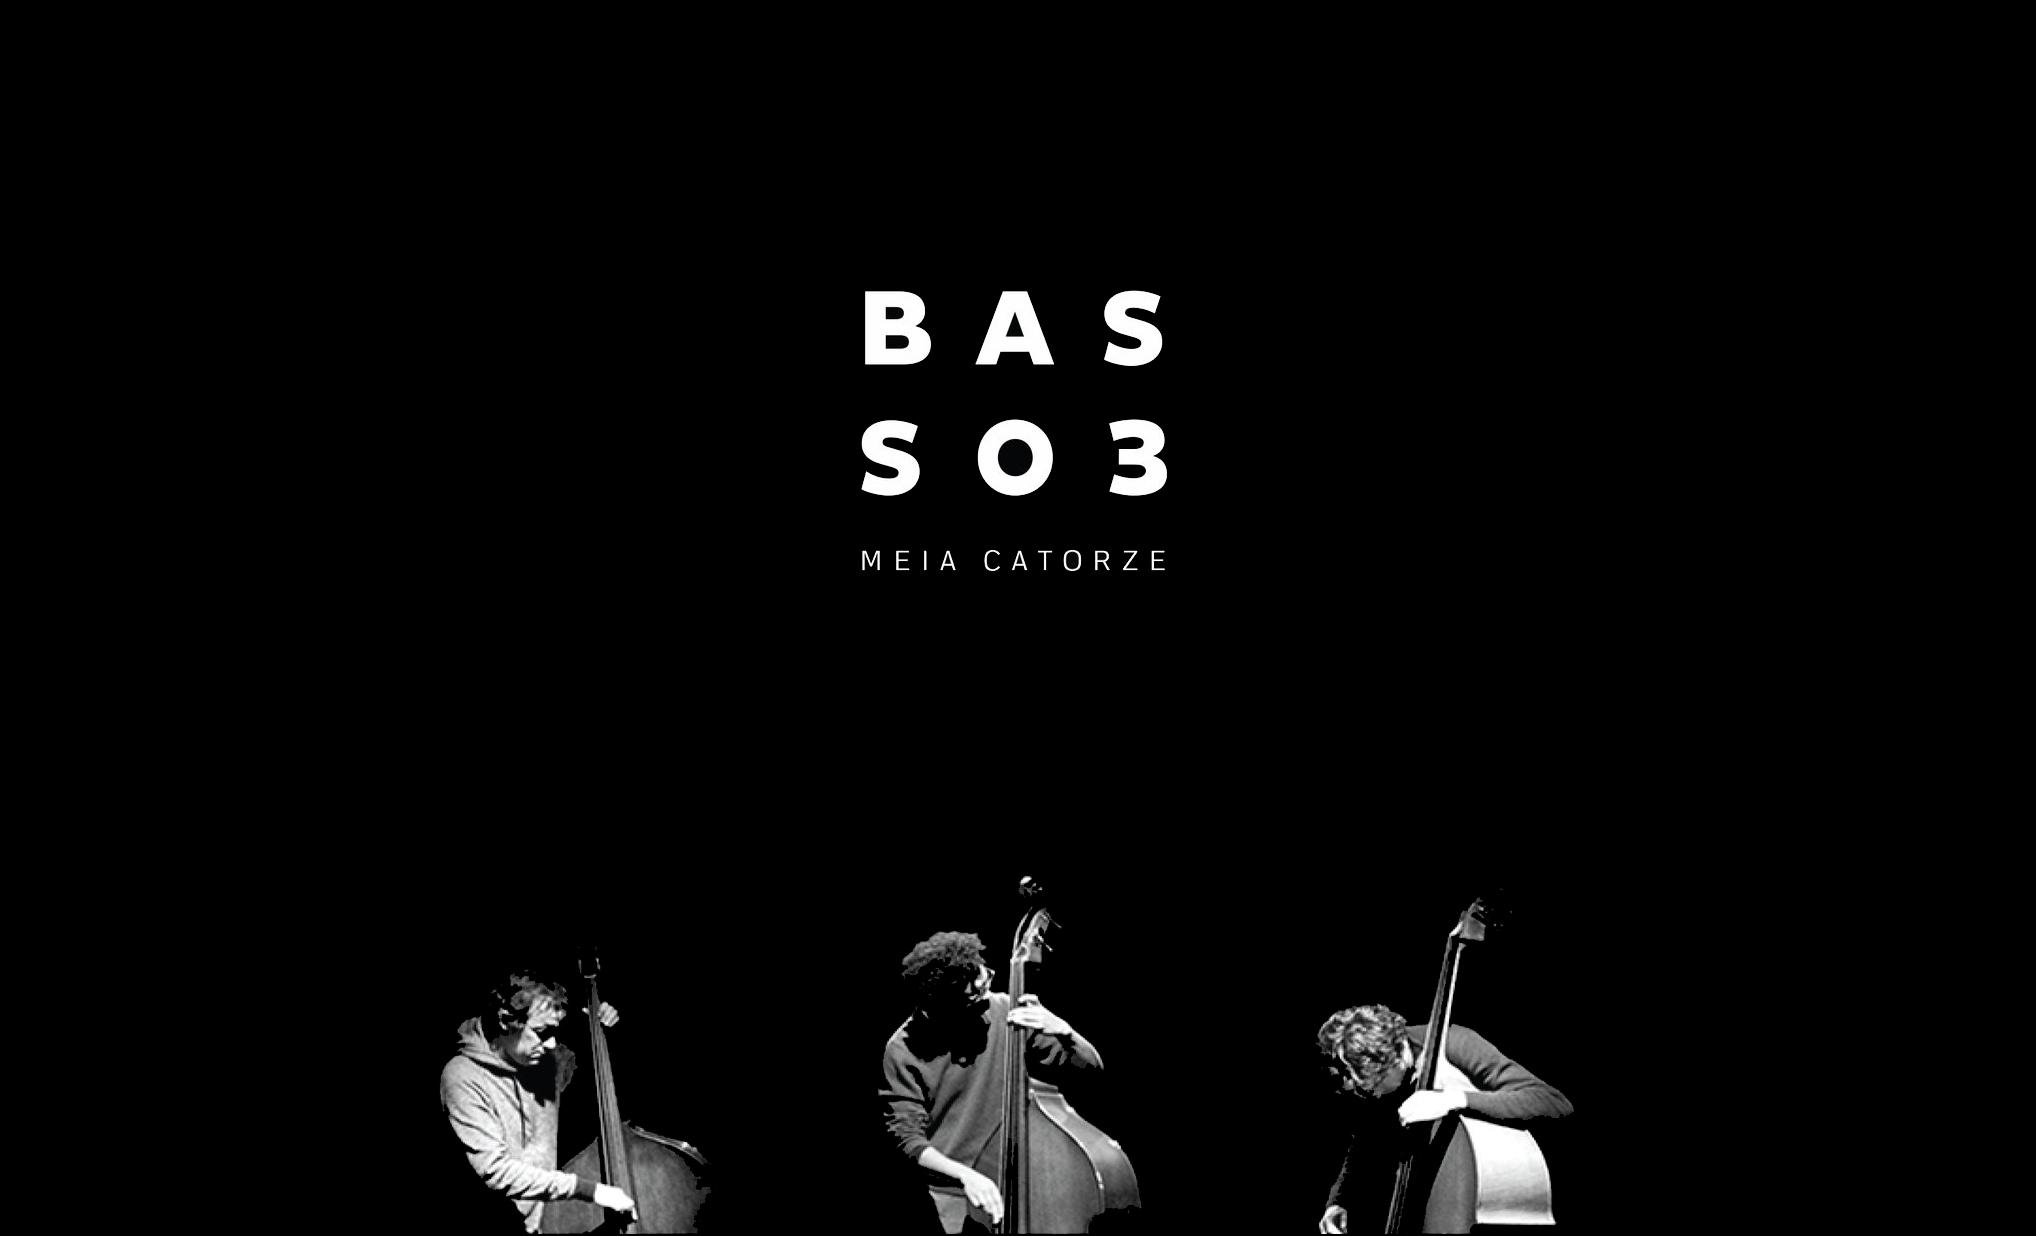 Basso3 – MEIA Catorze | Album Cover